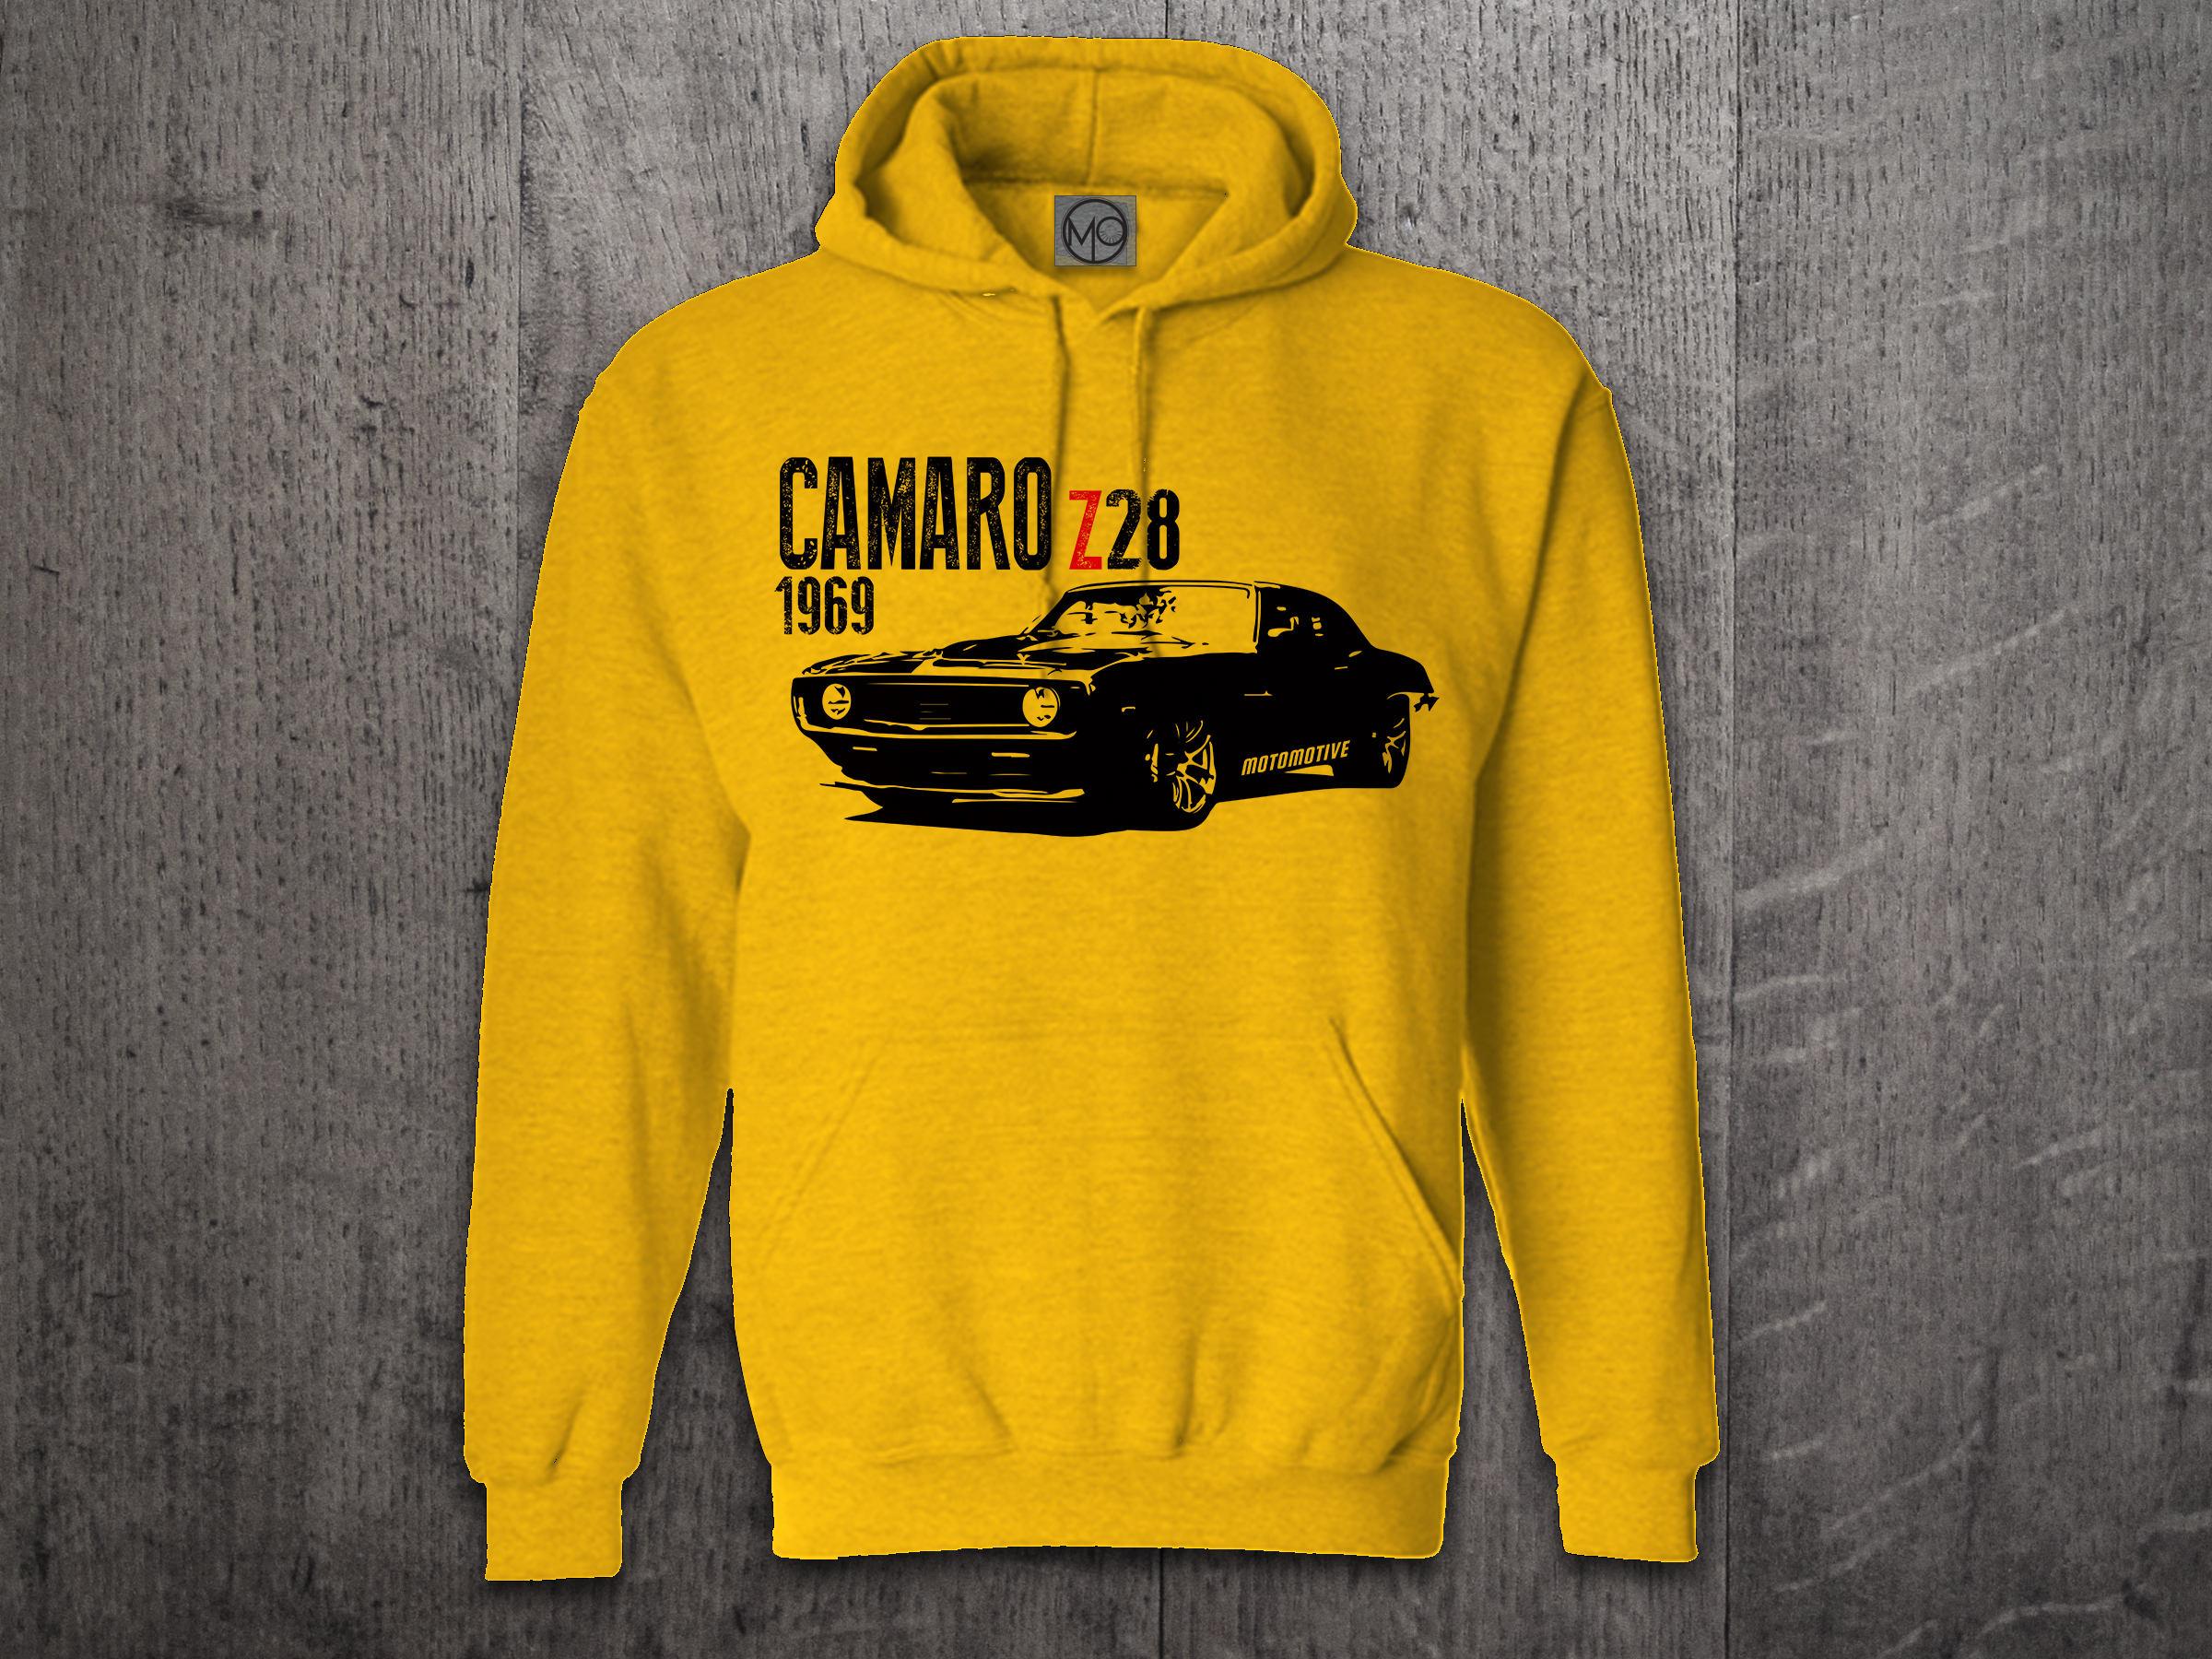 Camaro hoodie